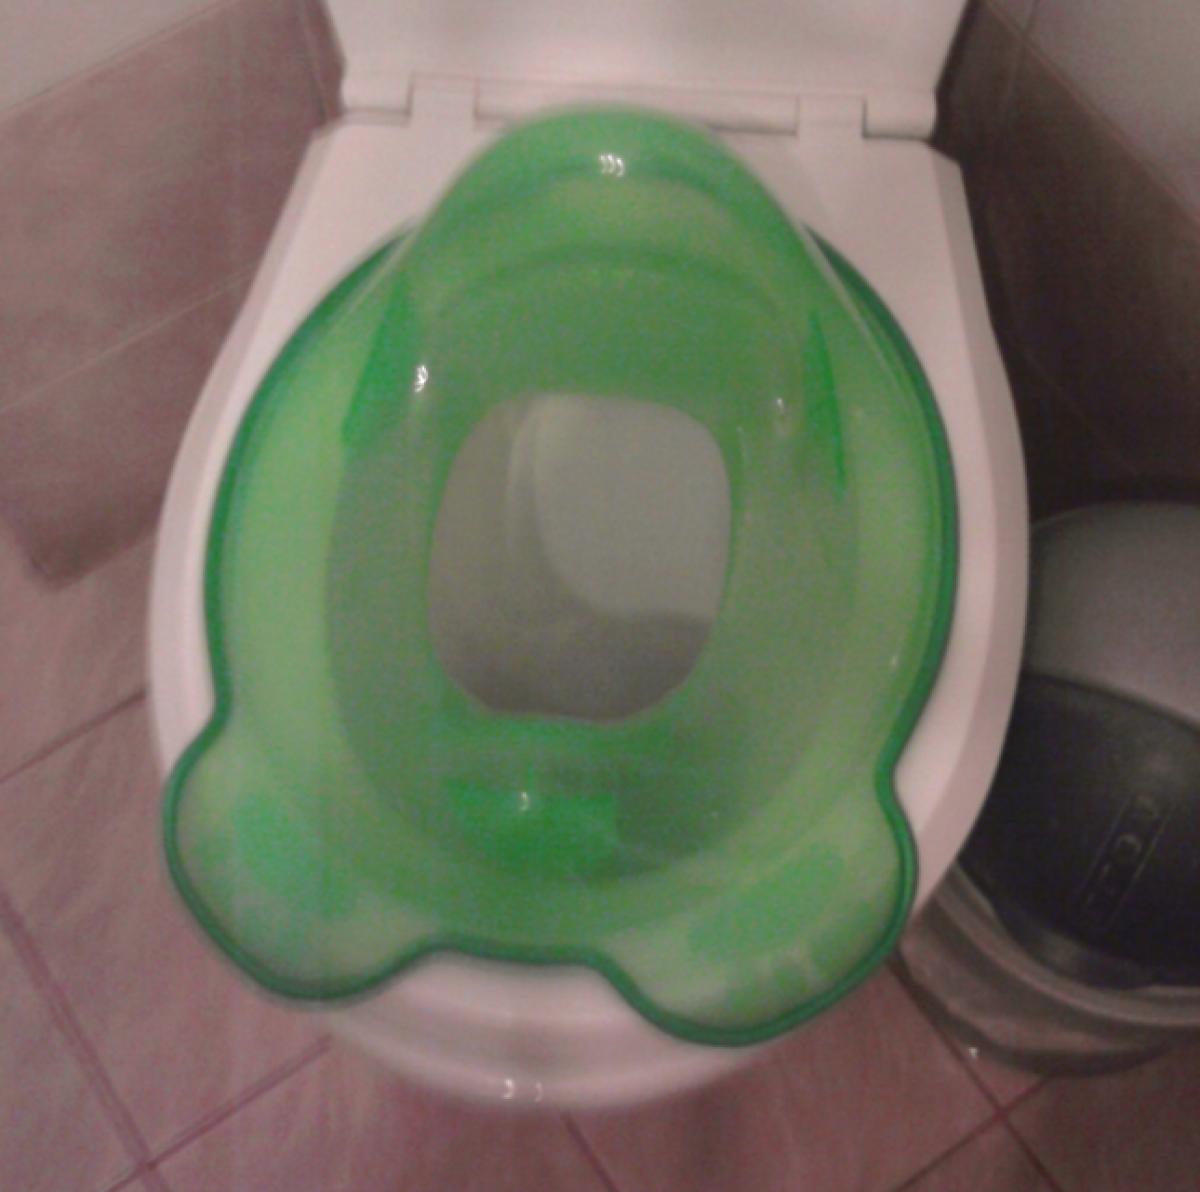 Τσίσα και κακά στην τουαλέτα από… μωρά!